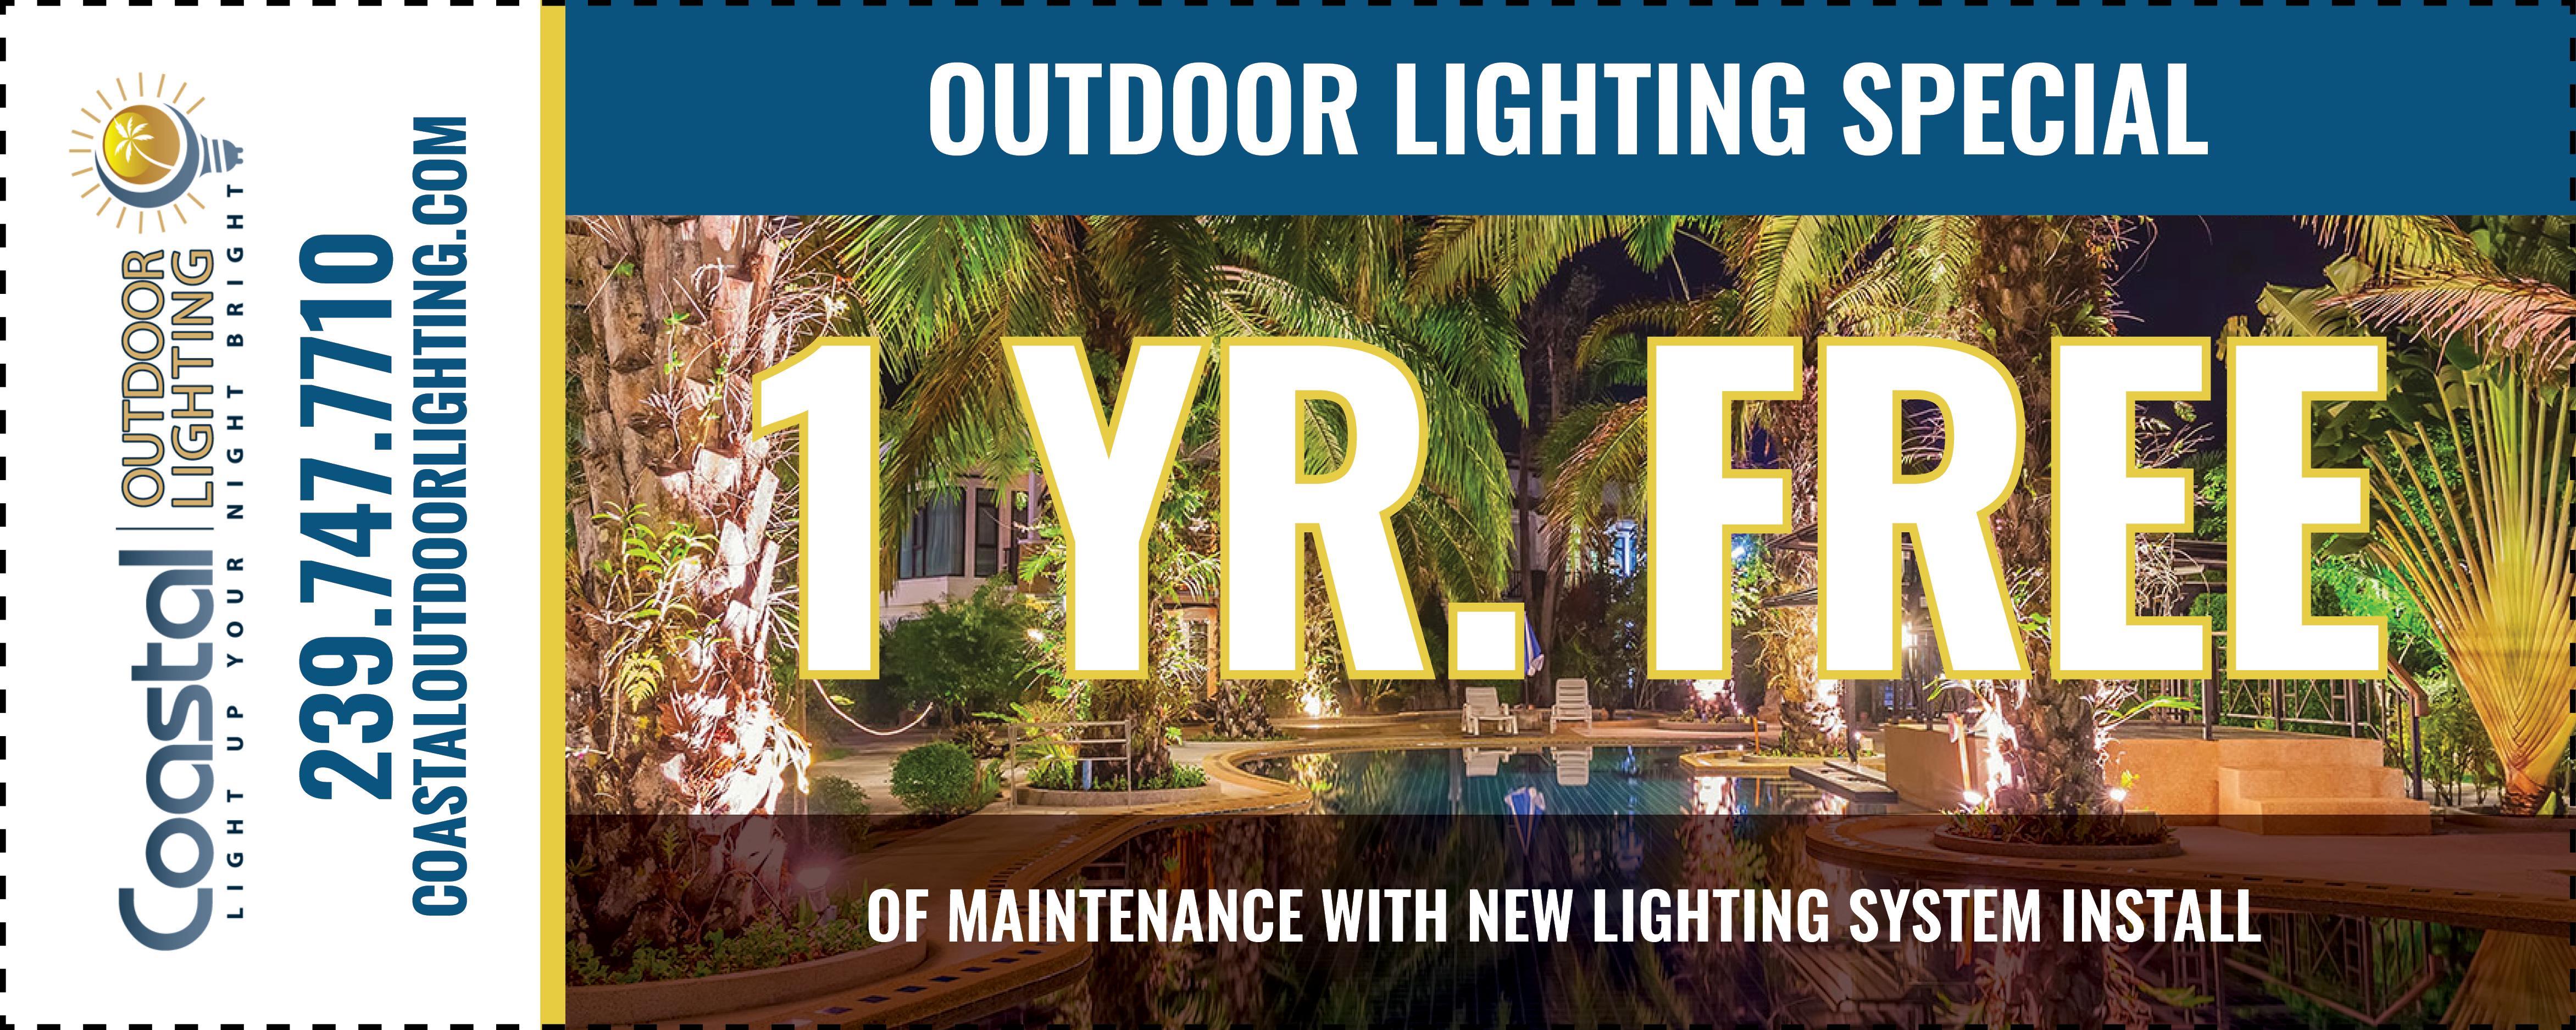 Outdoor Lighting Special